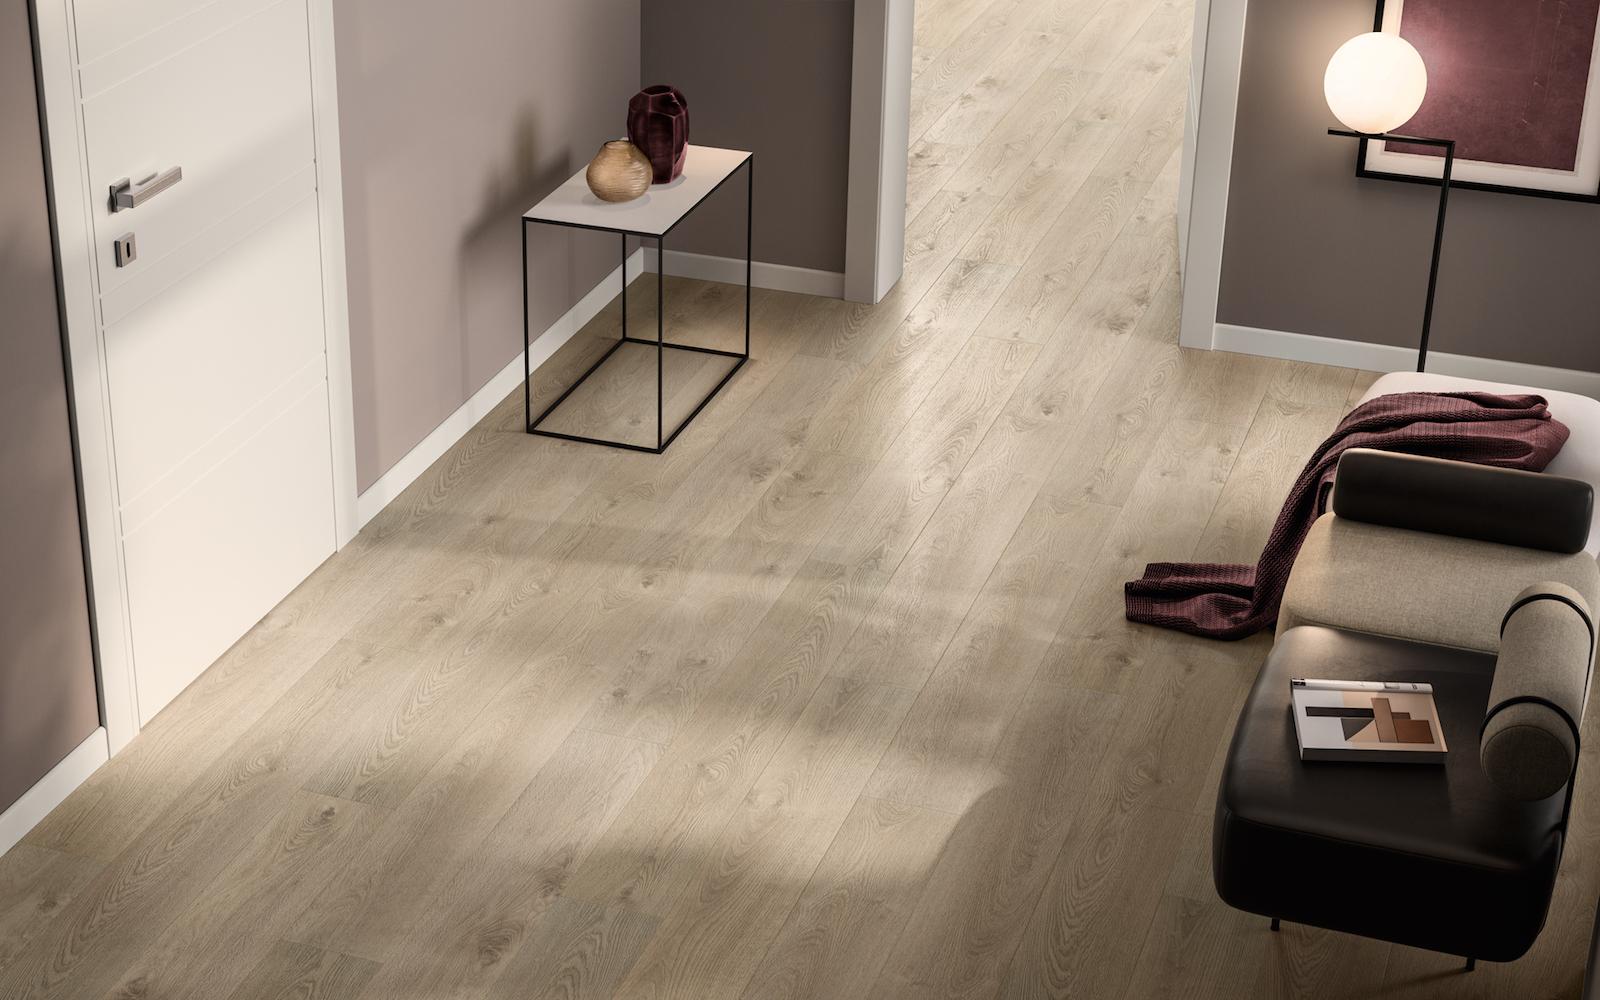 Pavimento Da Abbinare Al Parquet new generation floors: pavimenti in laminato | garofoli